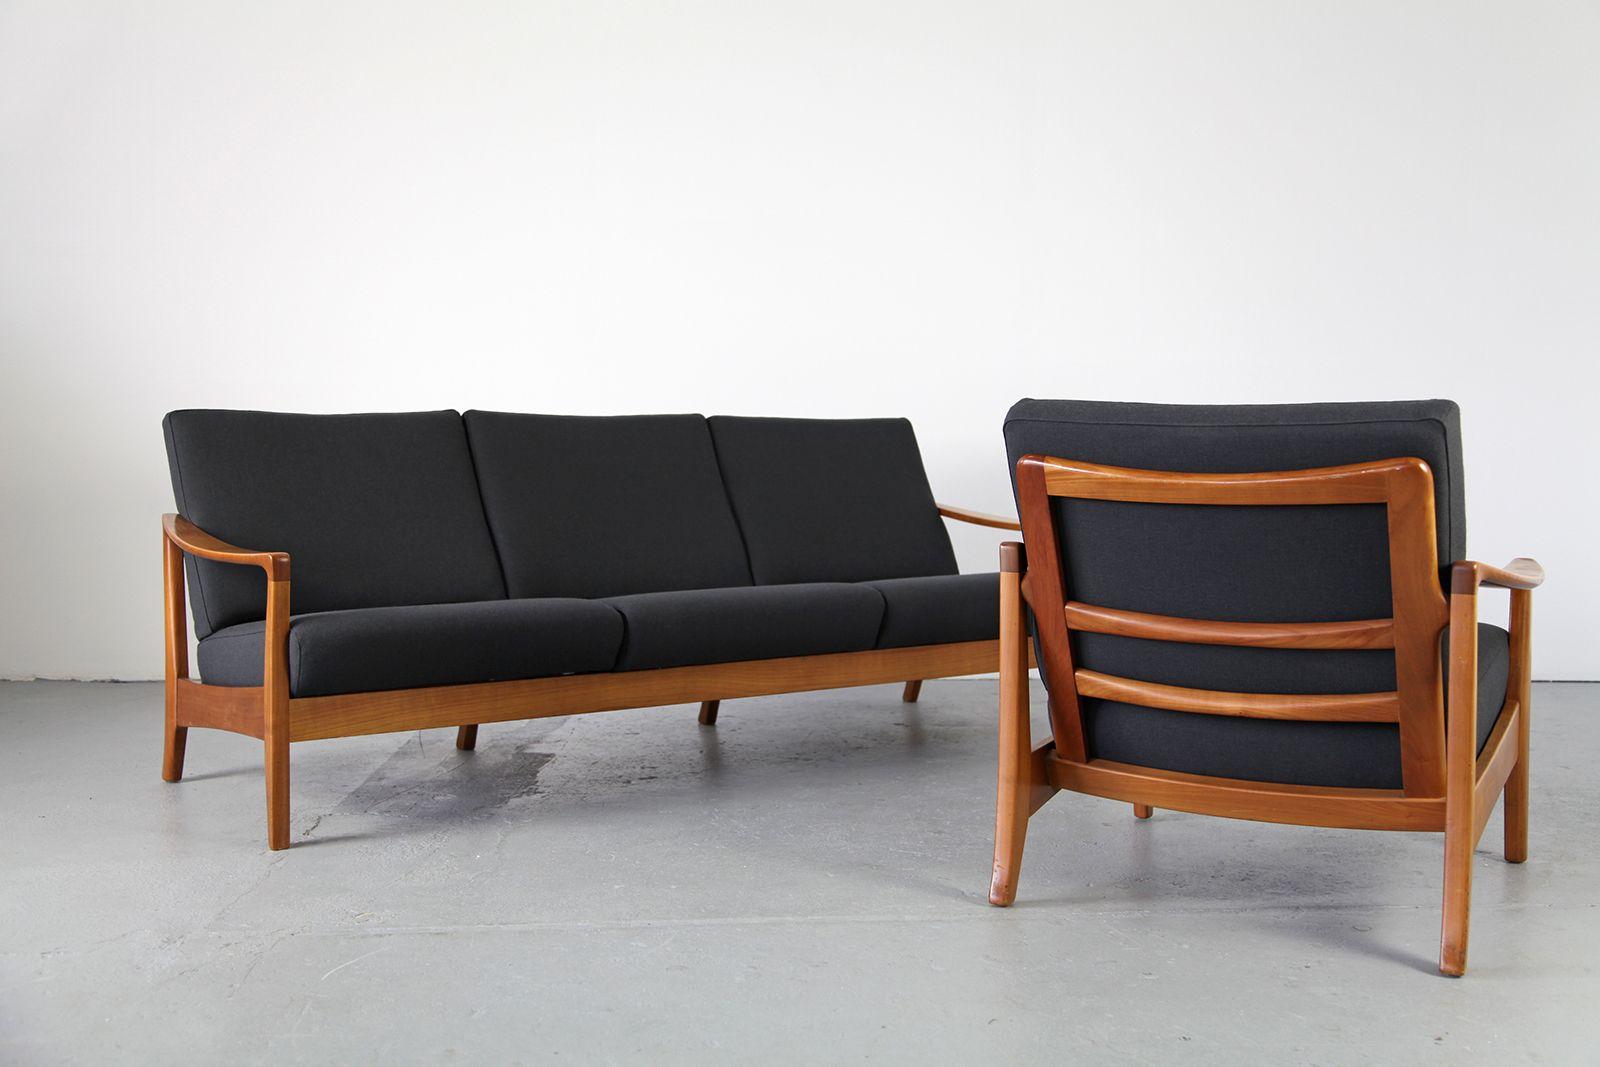 mid century sofa aus deutschland 1950er bei pamono kaufen. Black Bedroom Furniture Sets. Home Design Ideas